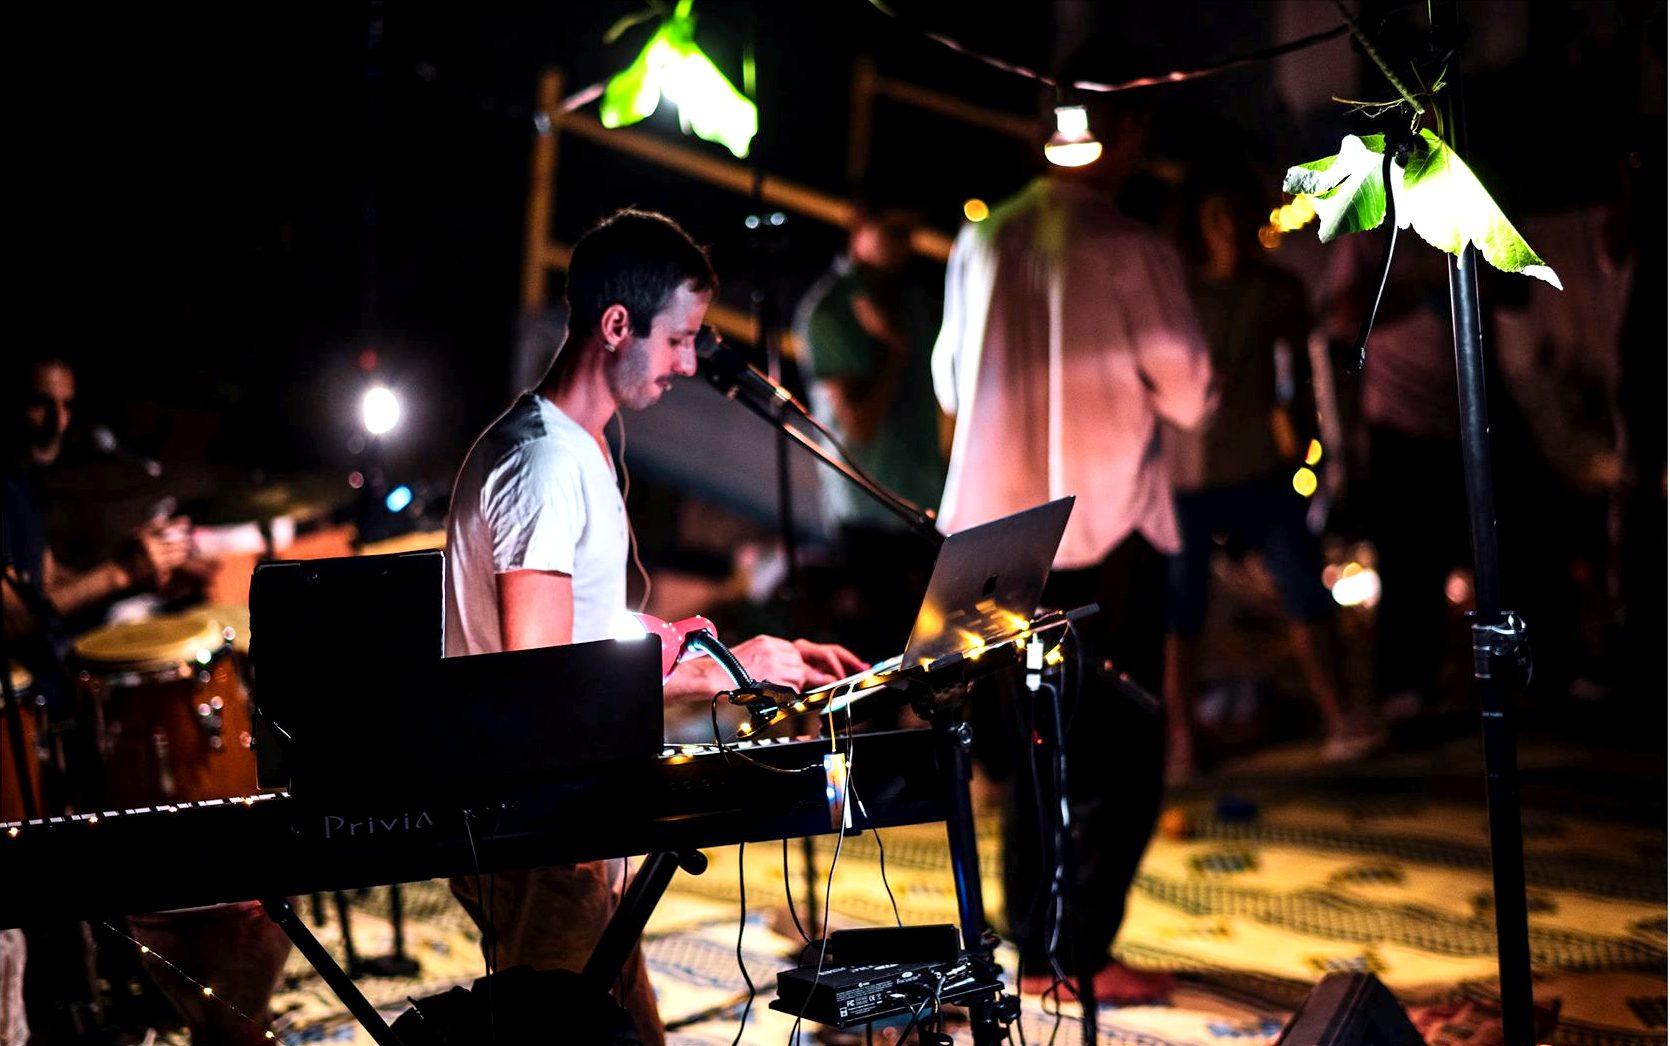 יובל בארי דיג'יי DJ מטפל במוזיקה מוסיקה יוצר מפיק אמן